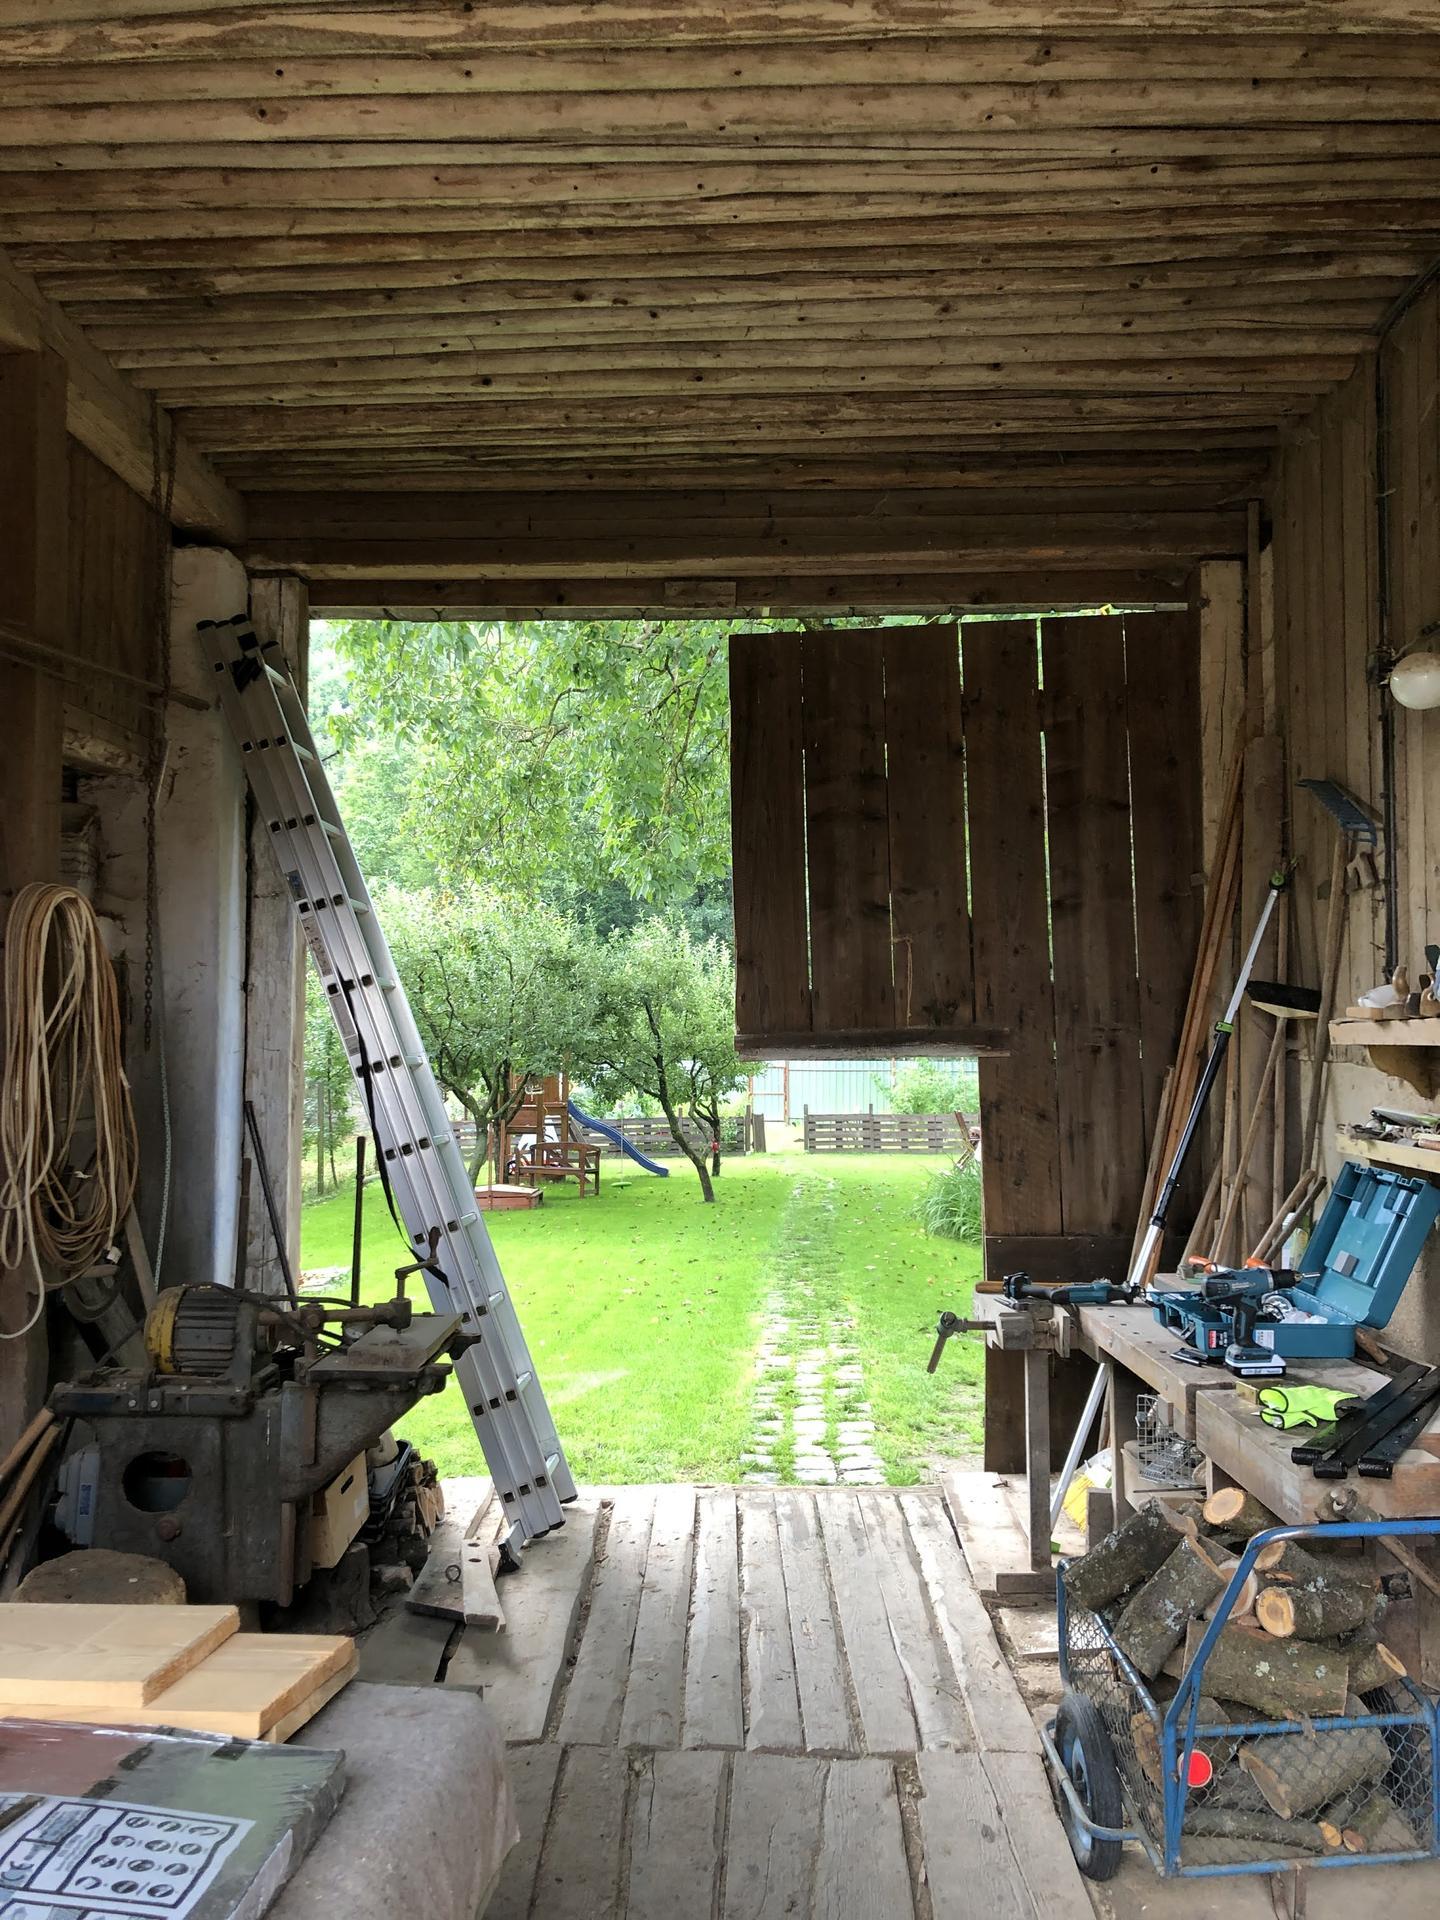 Zahrada a upravy okolo domu - Tak sme sa pustili do vrat, lebo som sa uz na ne nemohol pozerat ani z jednej ani z druhej strany